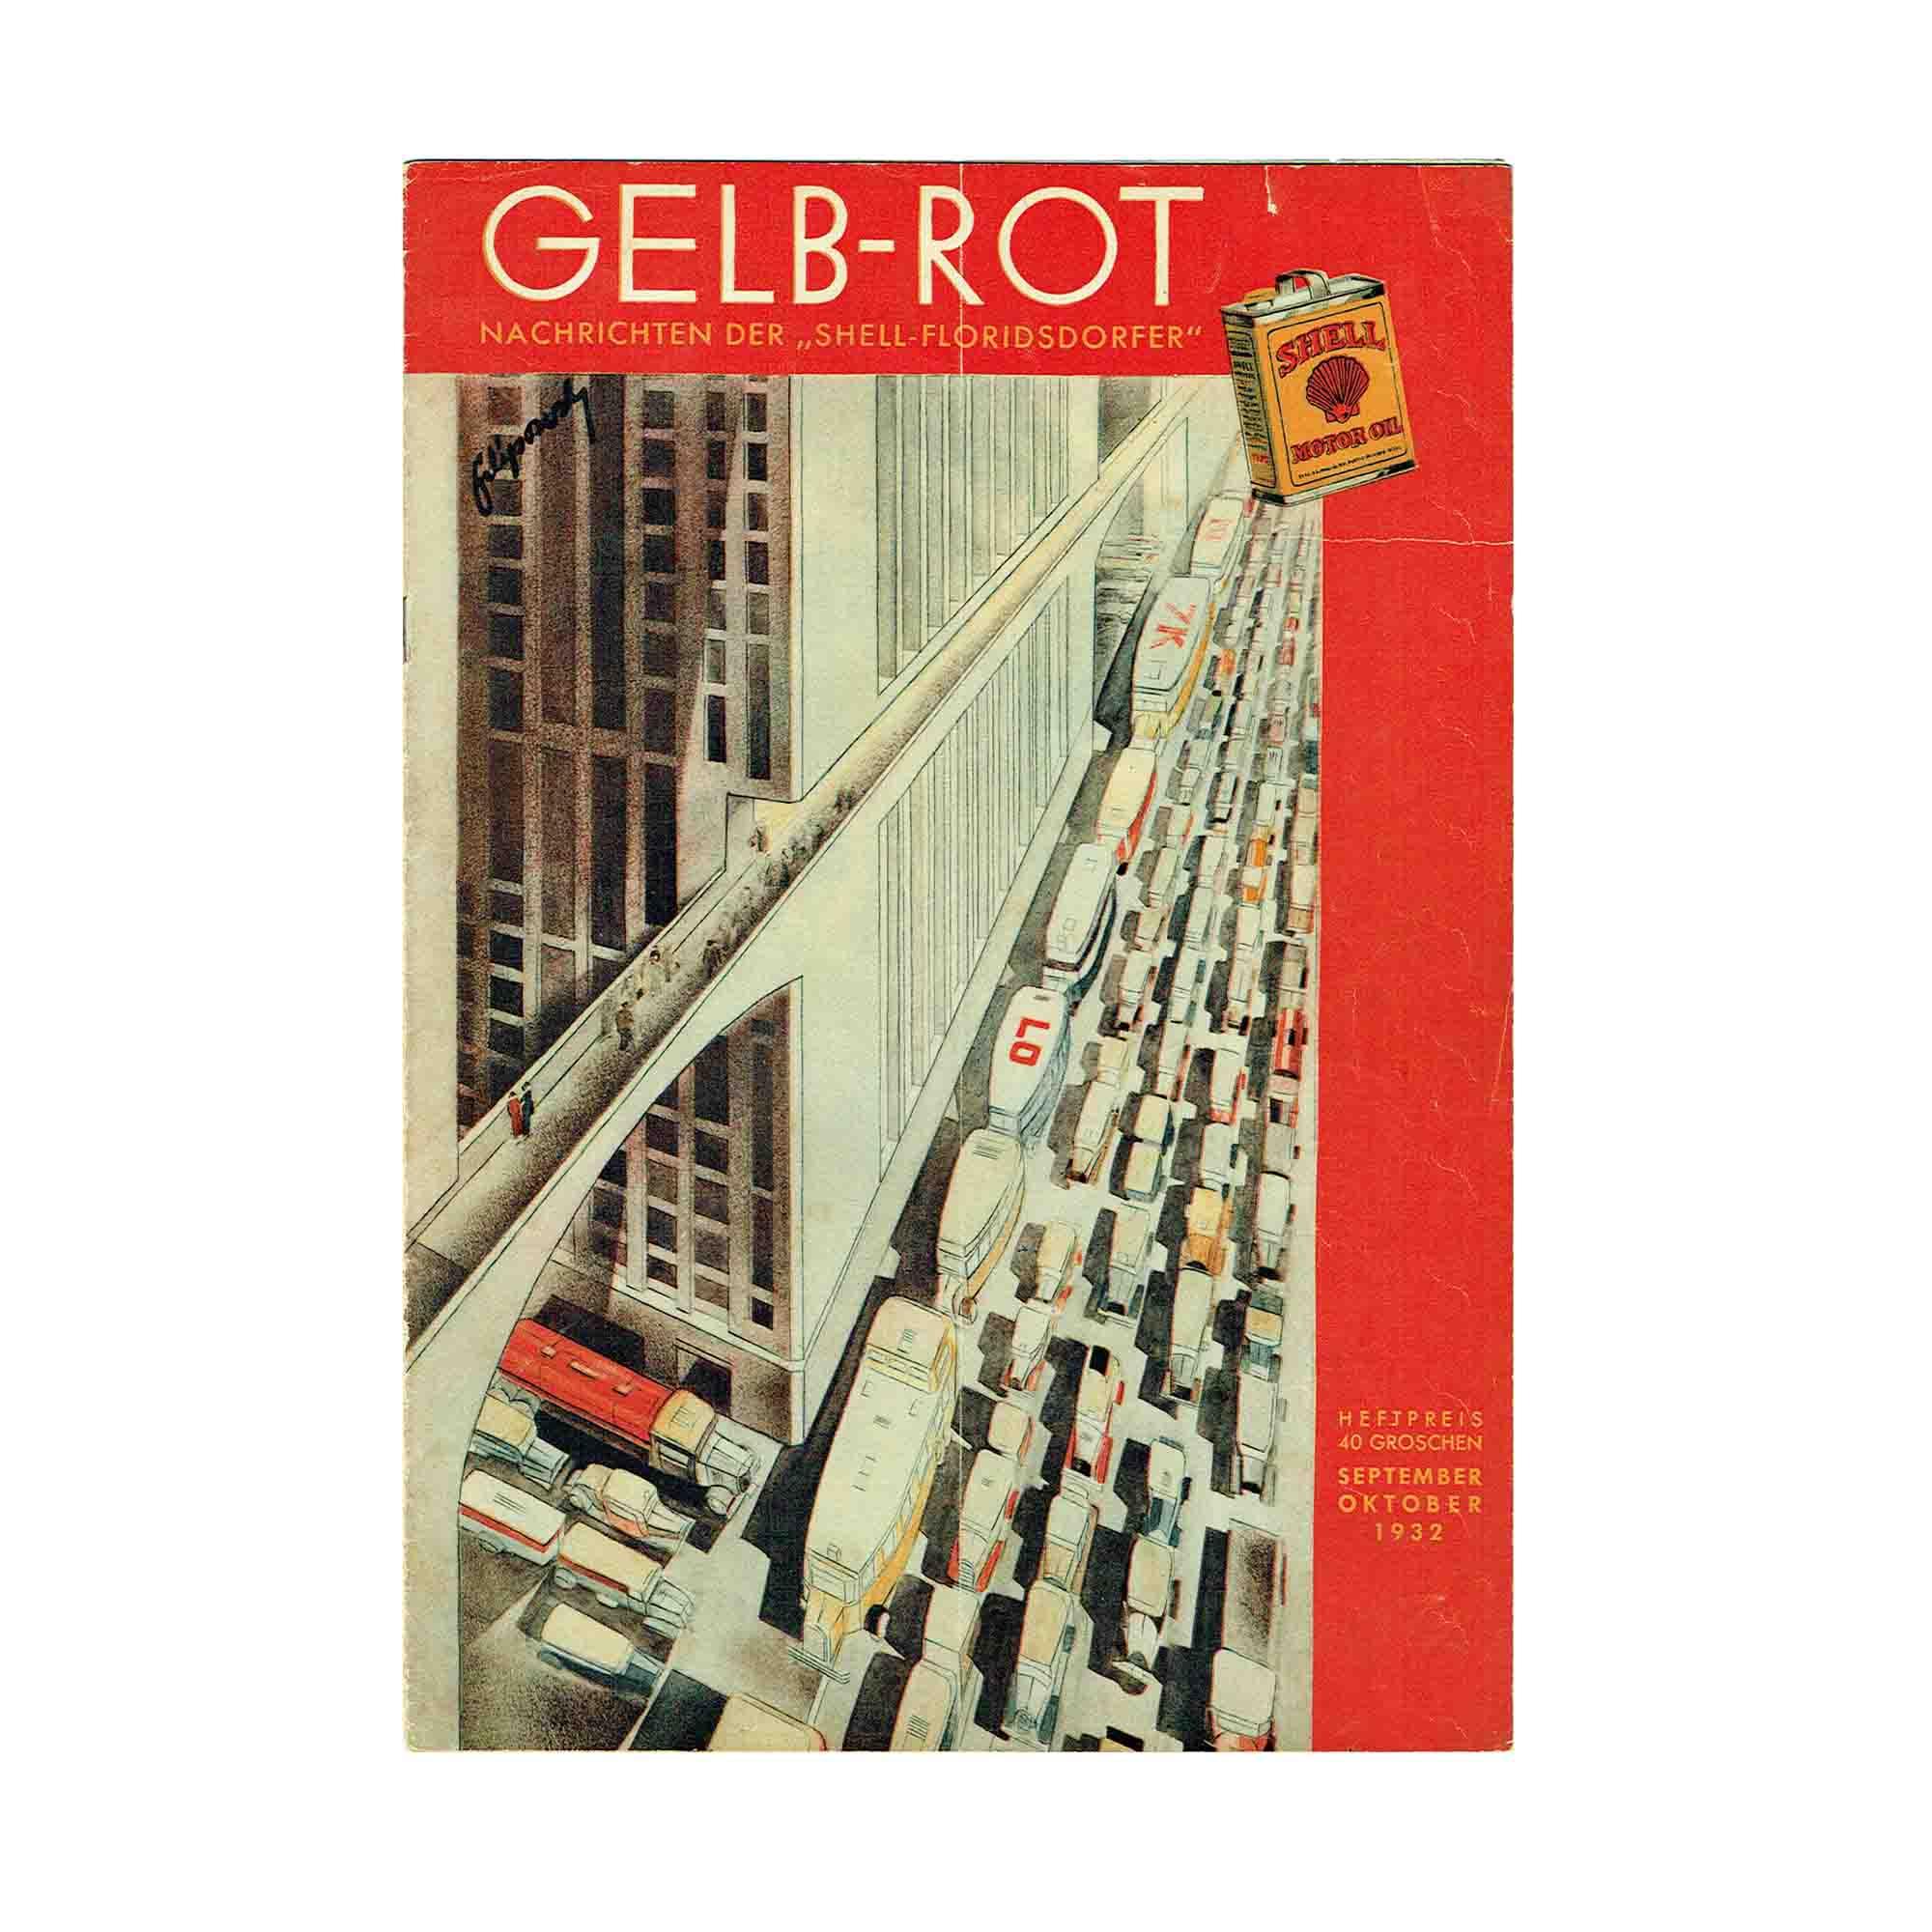 5315-Filipovsky-Shell-Gelb-Rot-Oktober-1932-Cover-N.jpg